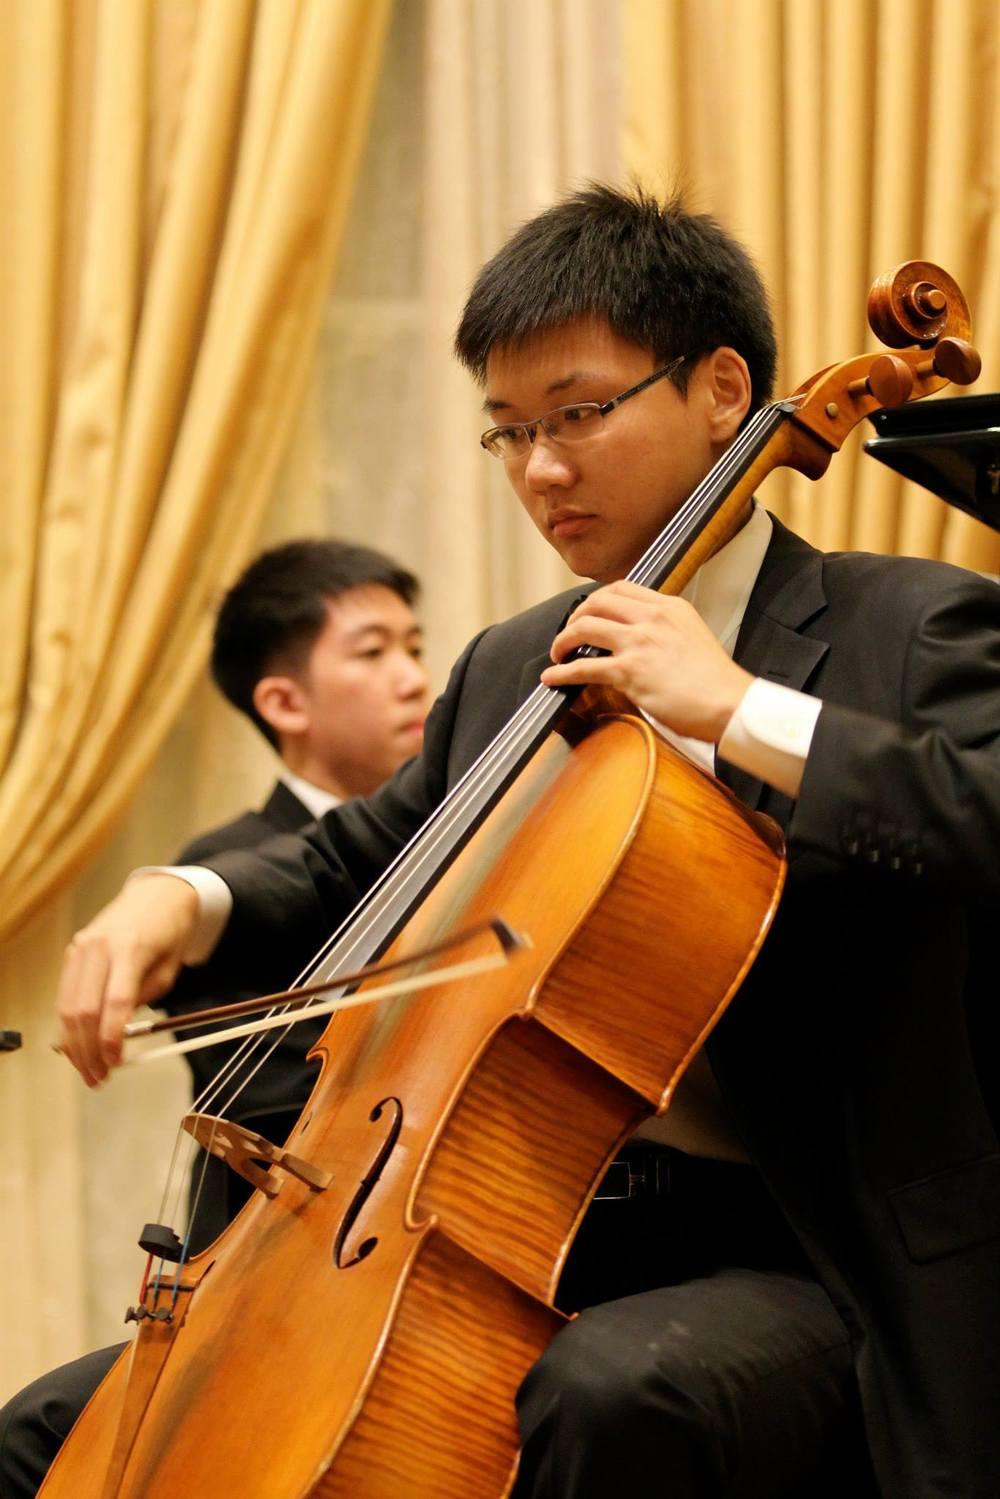 Zexun Shen, Cellist